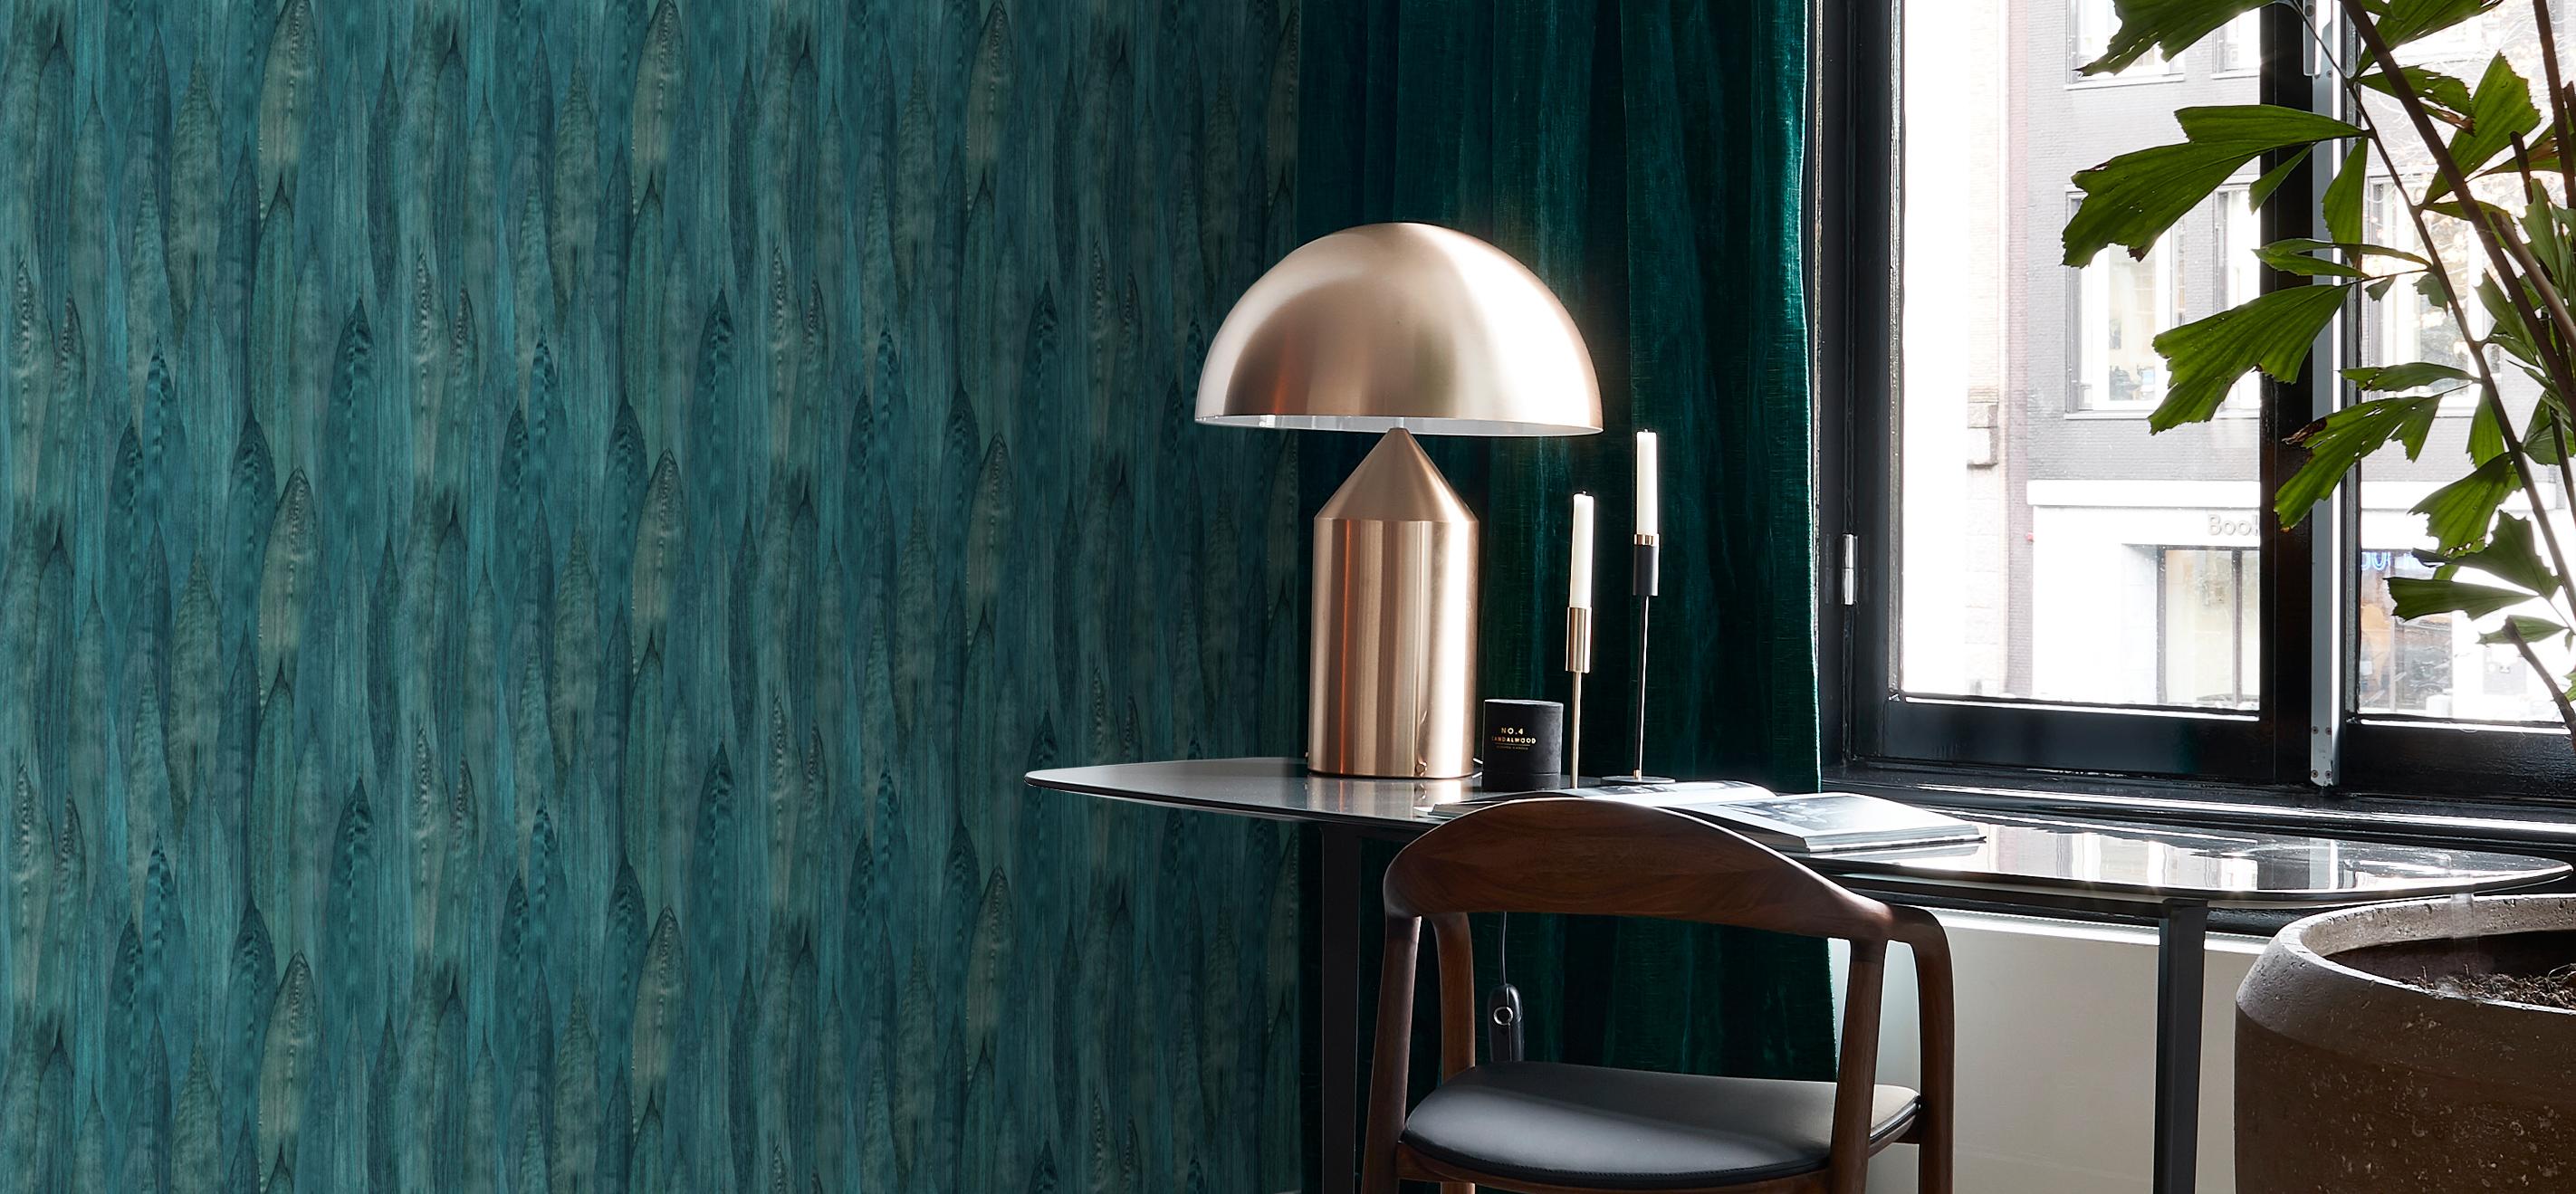 Chambre Ado Avec Papier Peint Brique papier peint bleu - bureau | papier peint nº 1